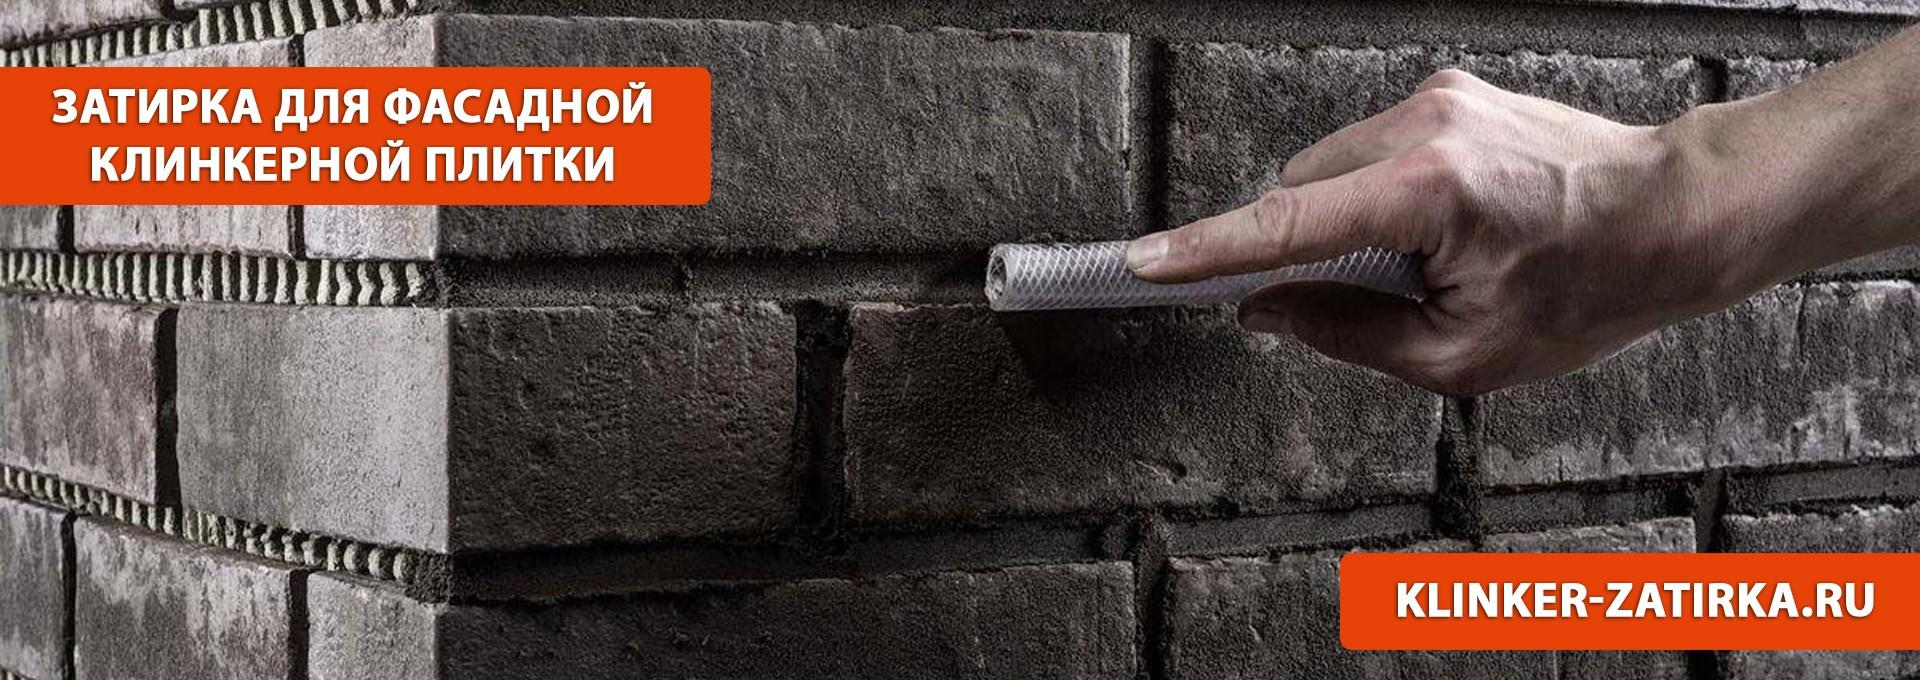 Затирка для фасадной клинкерной плитки